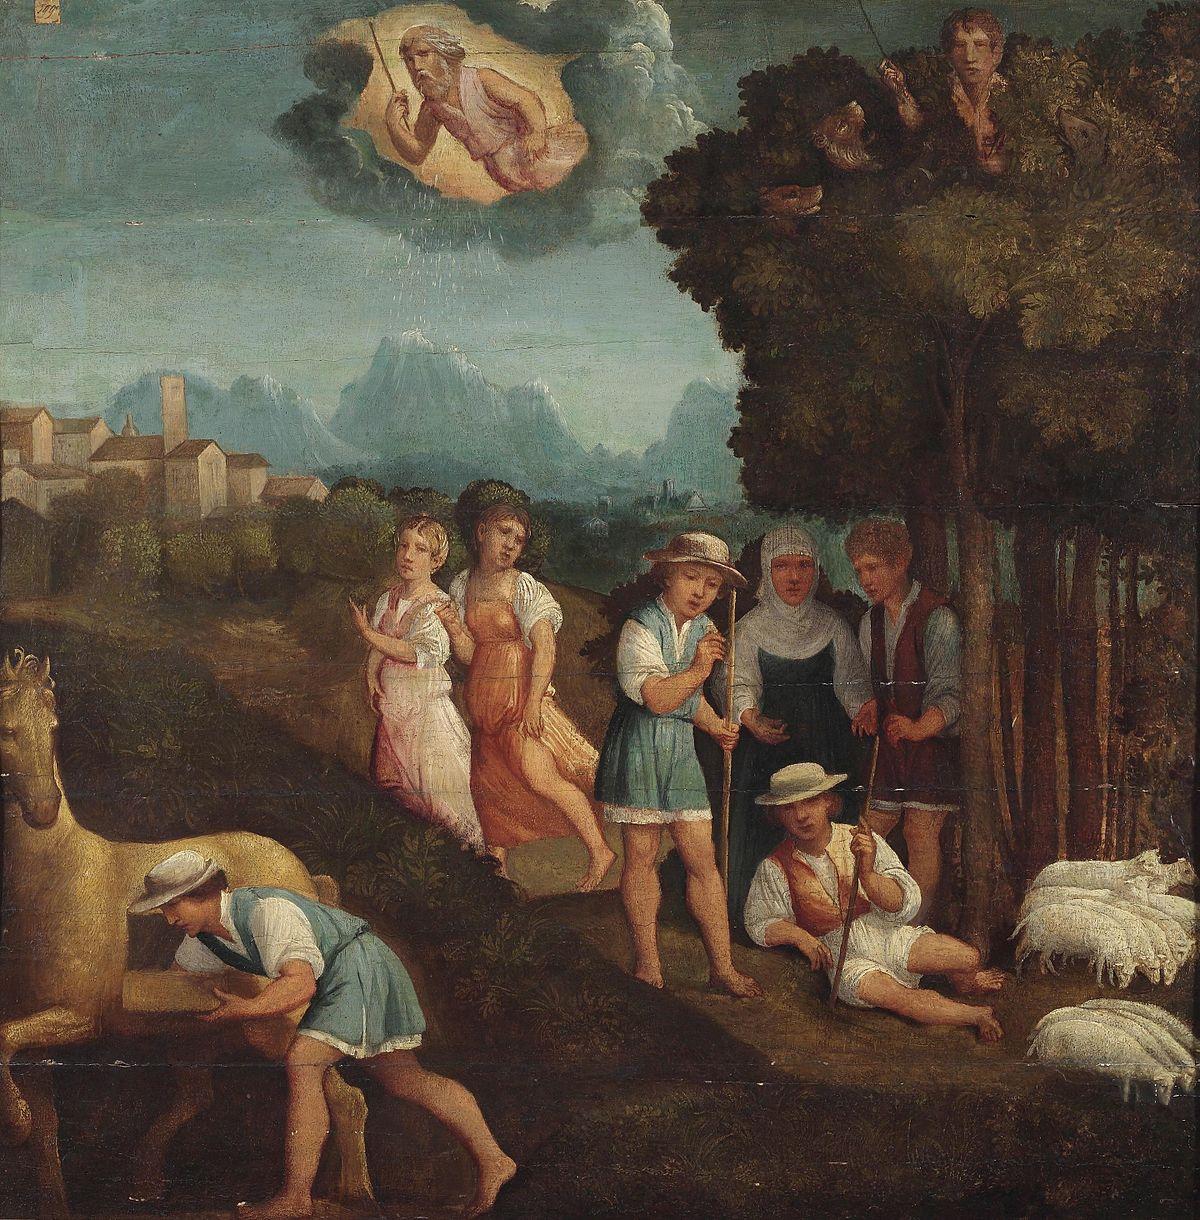 Resultado de imagen para ring of gyges painting